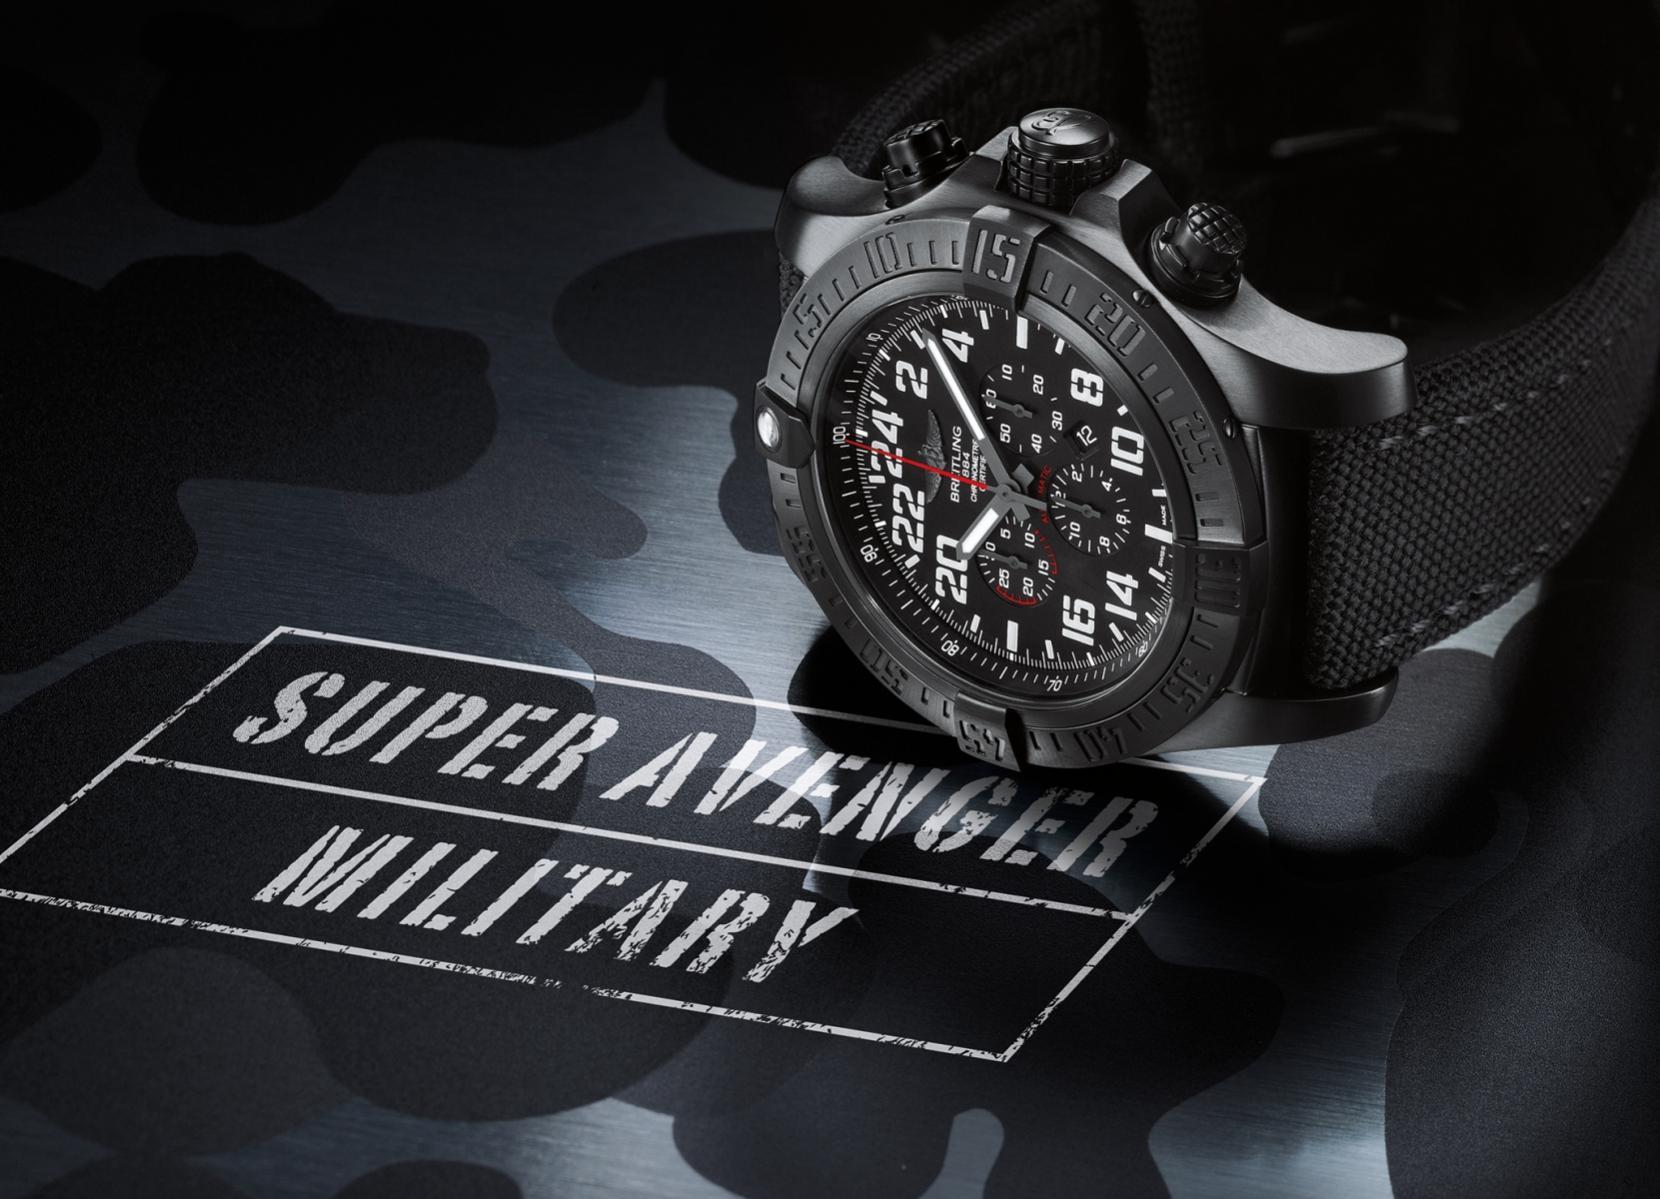 Naziv: 97 asset-version-2b45a578da-super-avenger-military.jpg, pregleda: 850, veličina: 199,2 KB